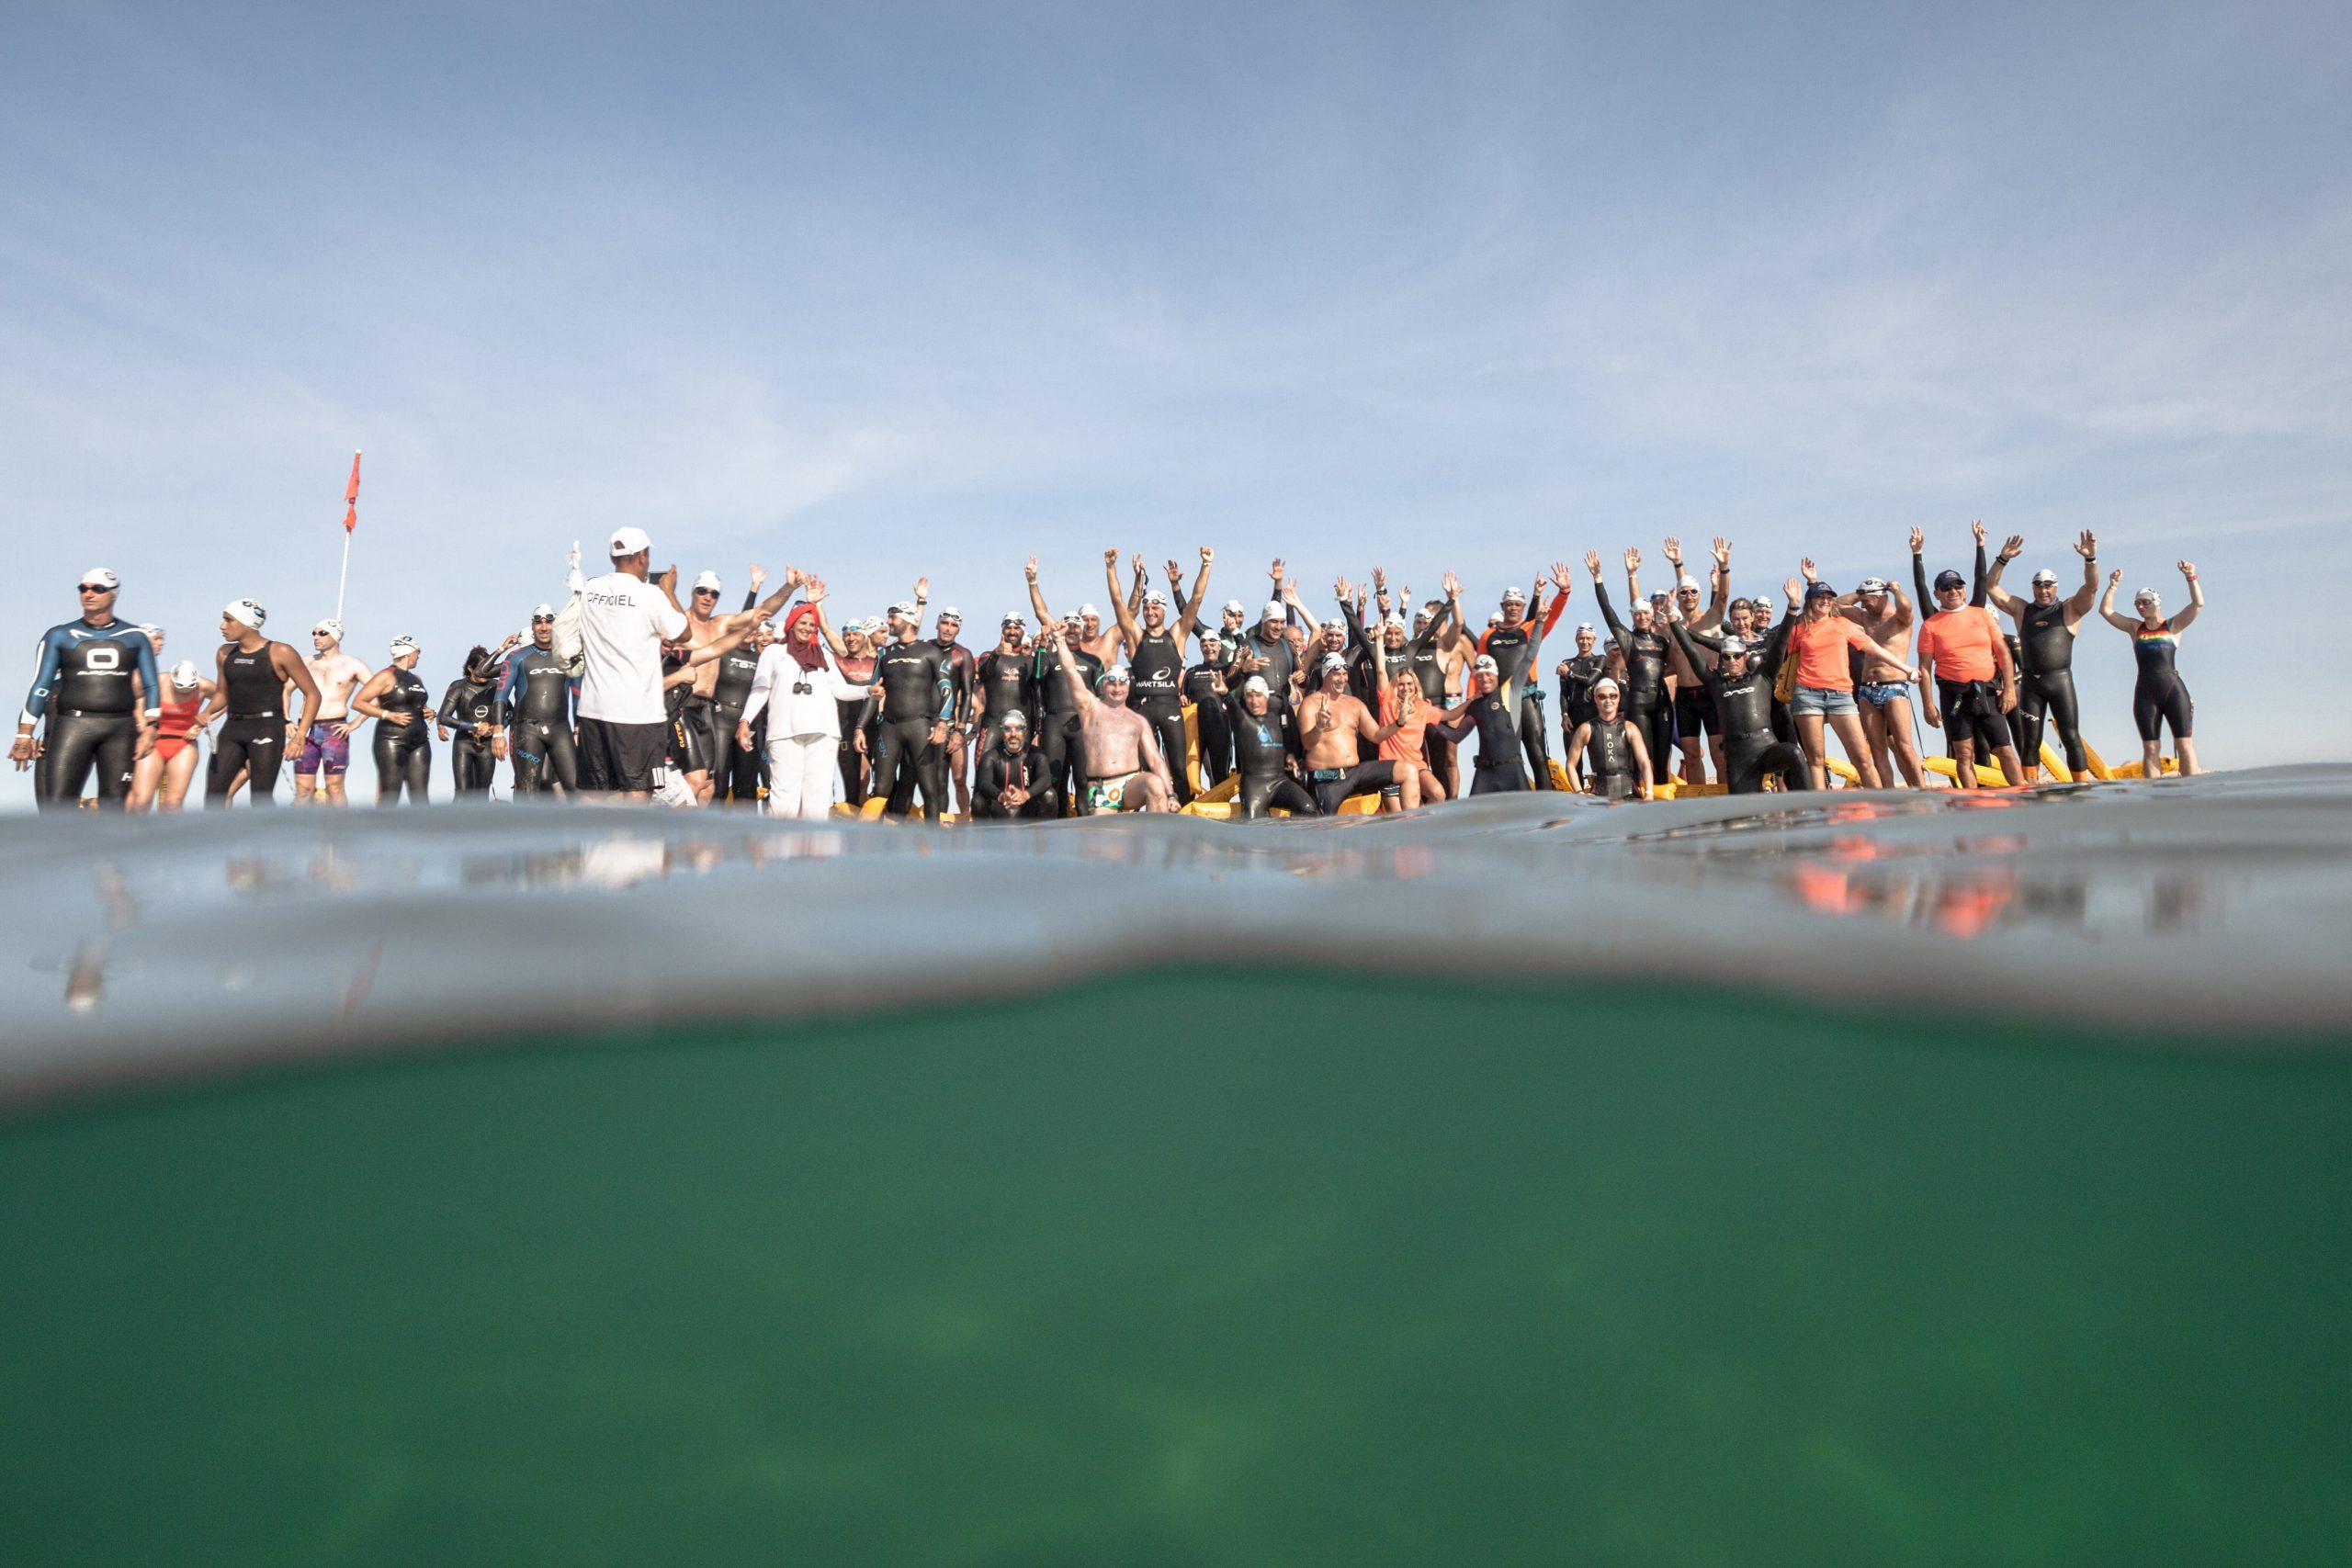 صورة 160 سبّاحا عالميا يجتمعون بشواطئ الداخلة